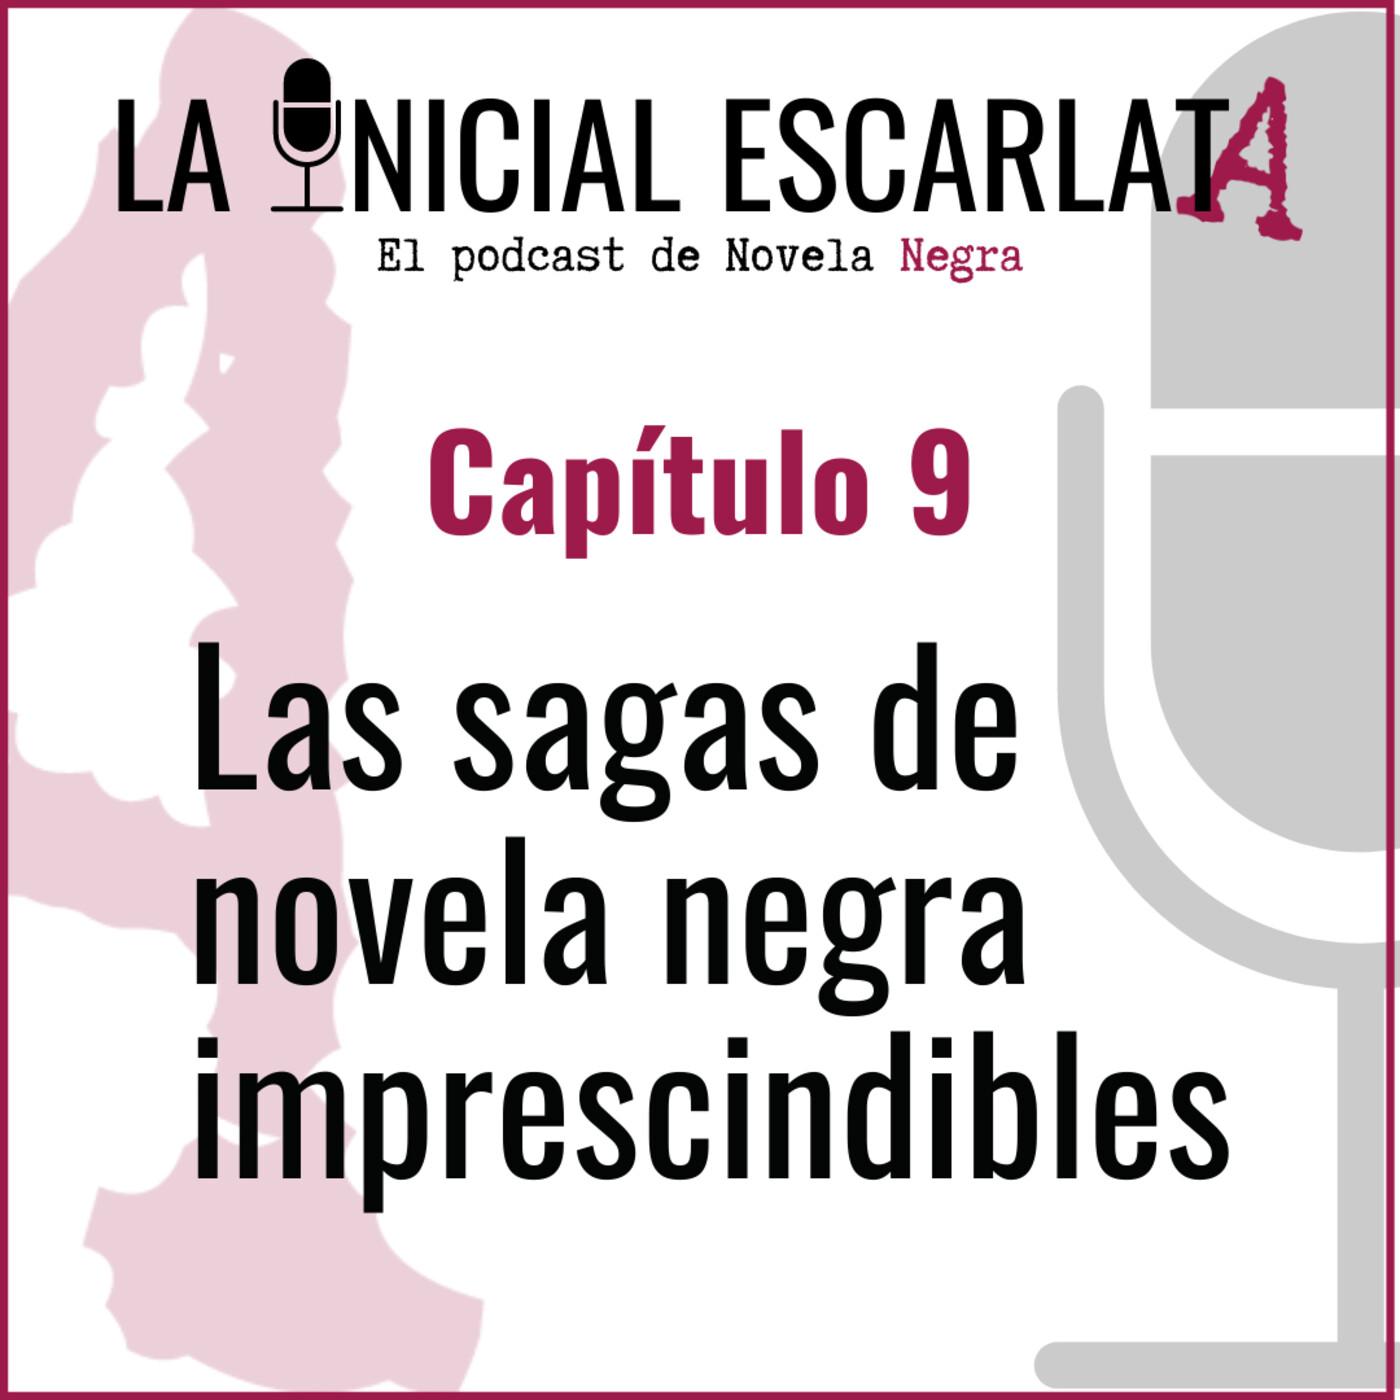 Capítulo 9: Las sagas de novela negra imprescindibles